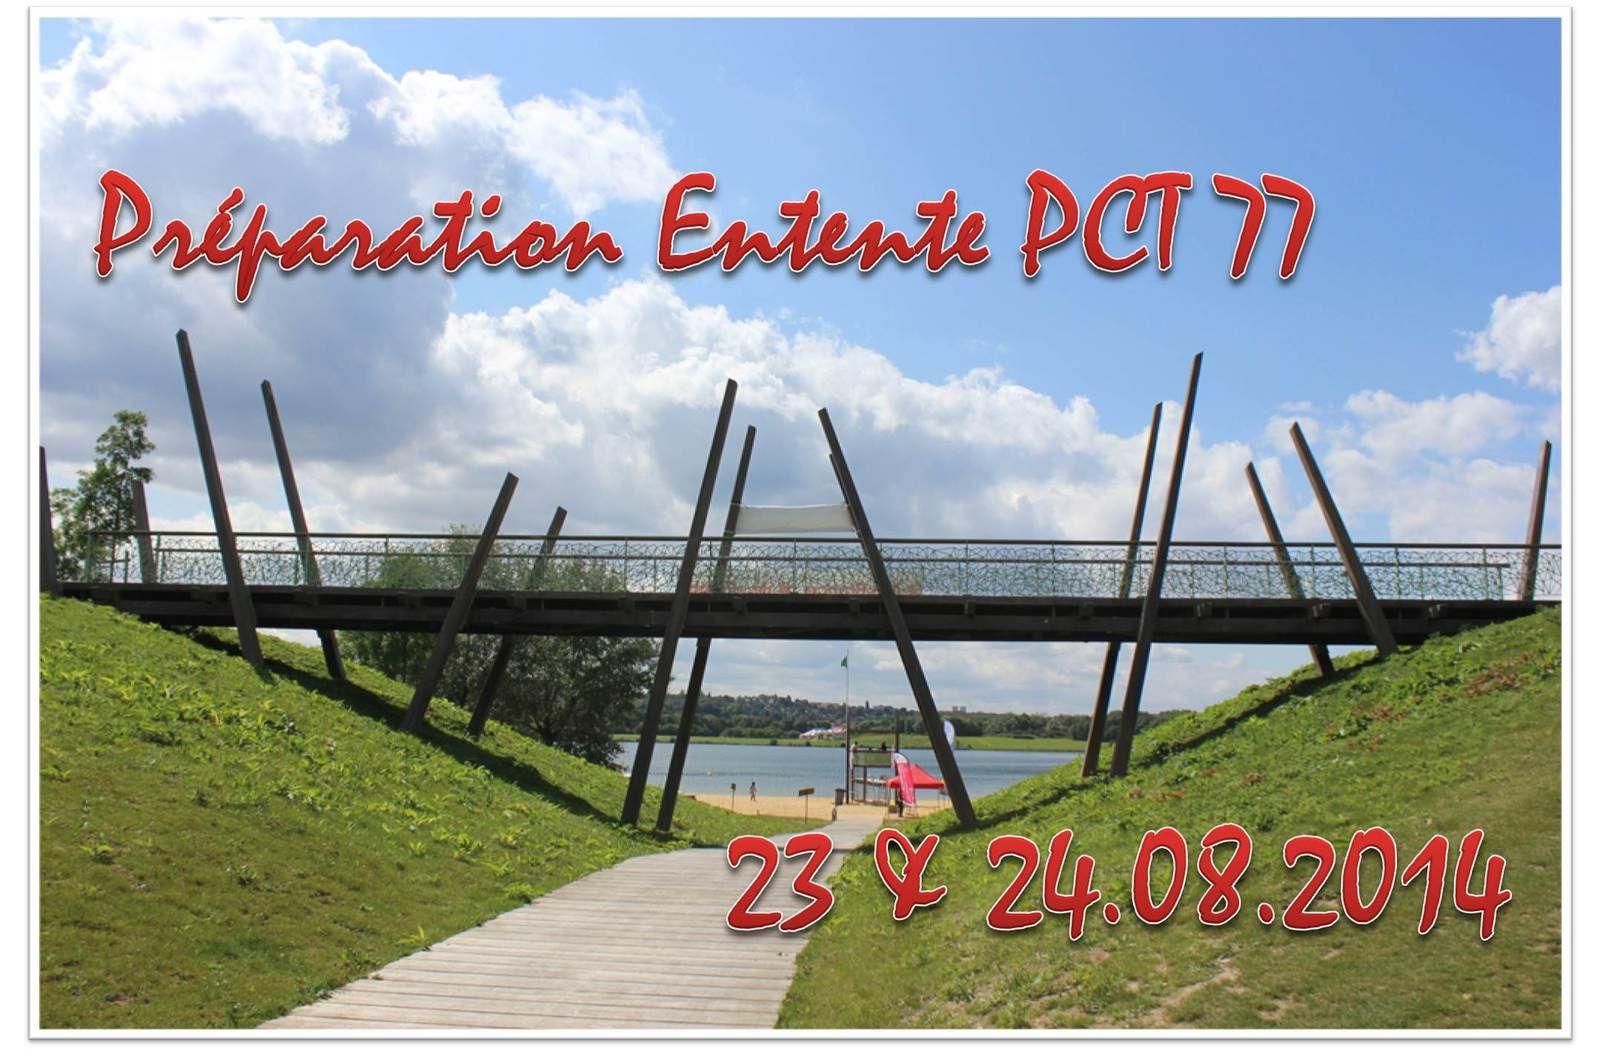 Stage Préparation ENTENTE PCT 77 #3 (23.08.2014)